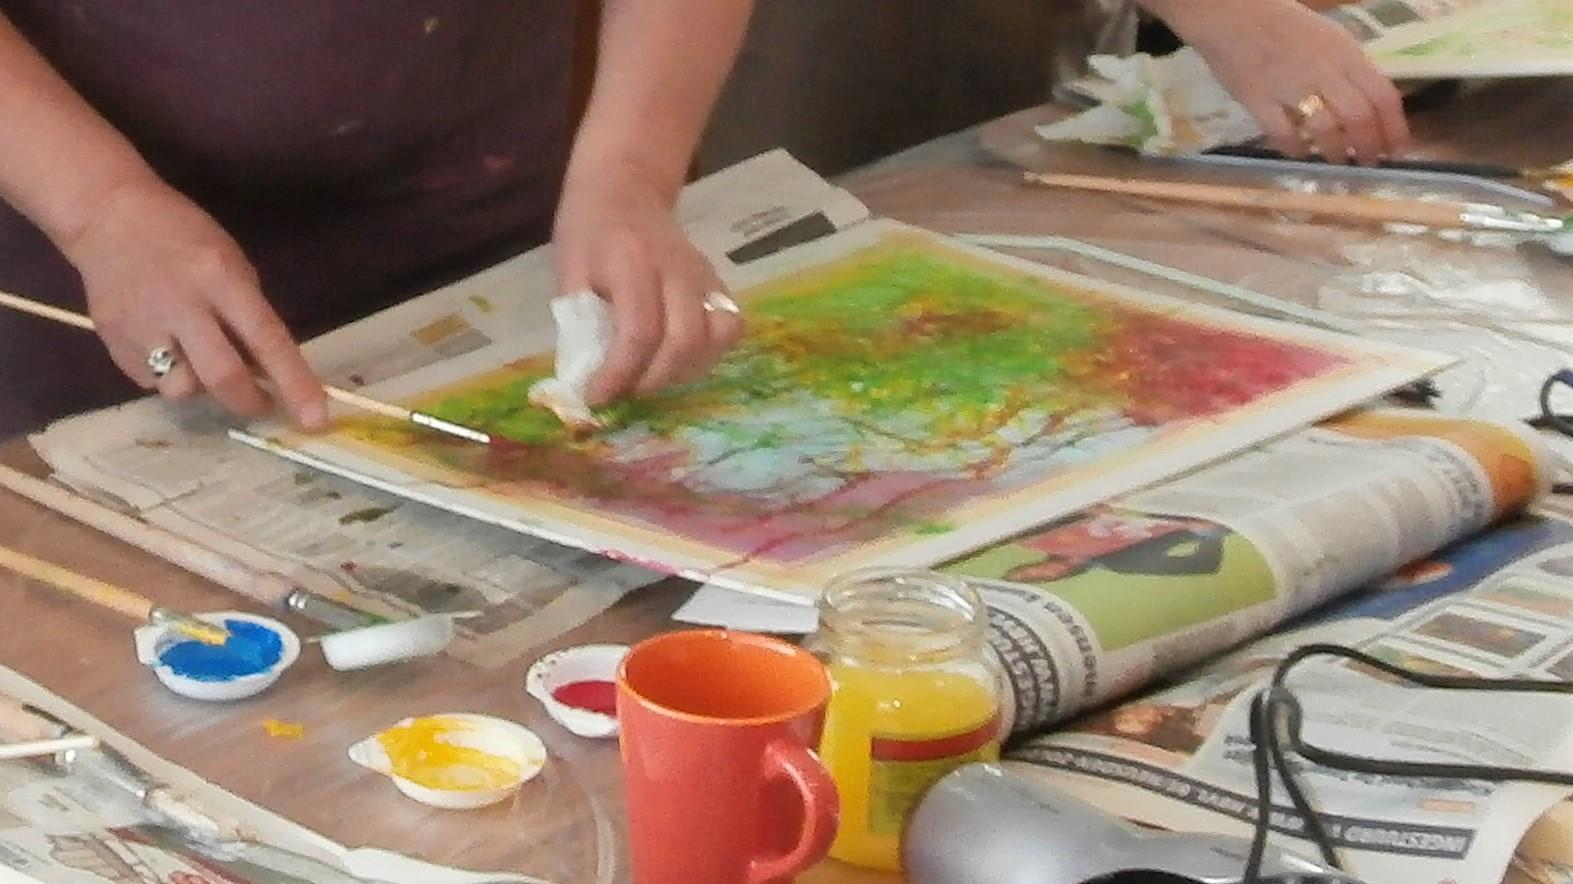 bronkracht getuigenis van Creatief verstillen als zelfzorg